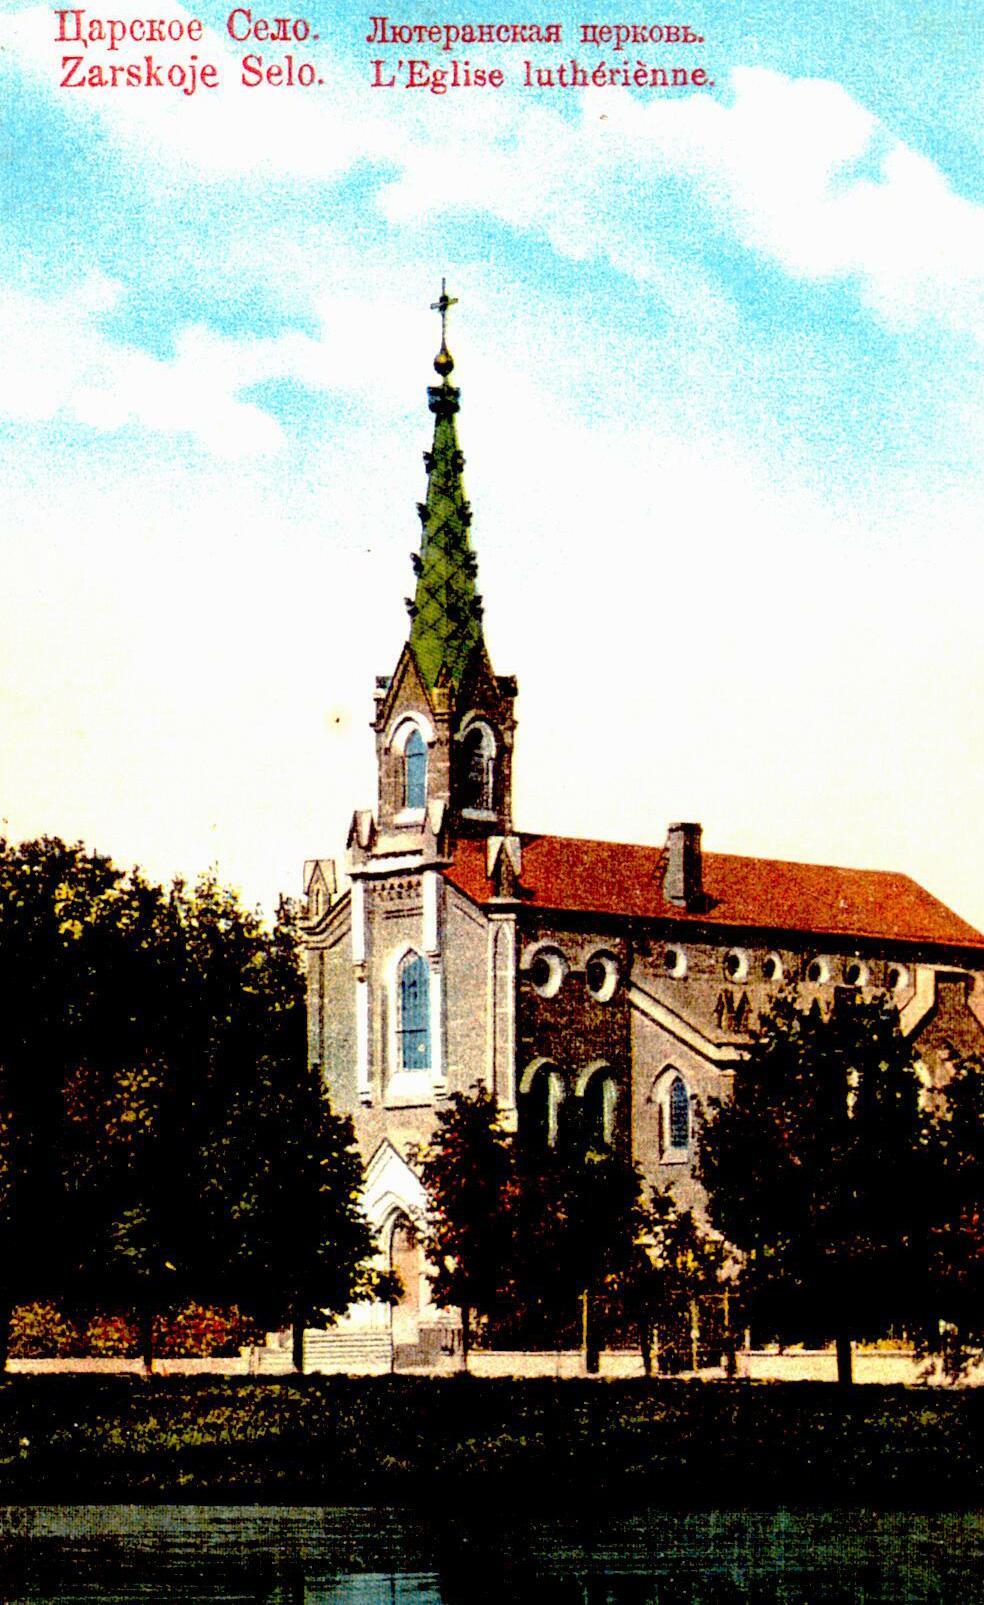 Die Kolonie Friedental in Zarskoe Selo existierte bis 1919. Auf dem Bild: Christi-Auferstehungskirche / M.J.Meshchaninova's collection